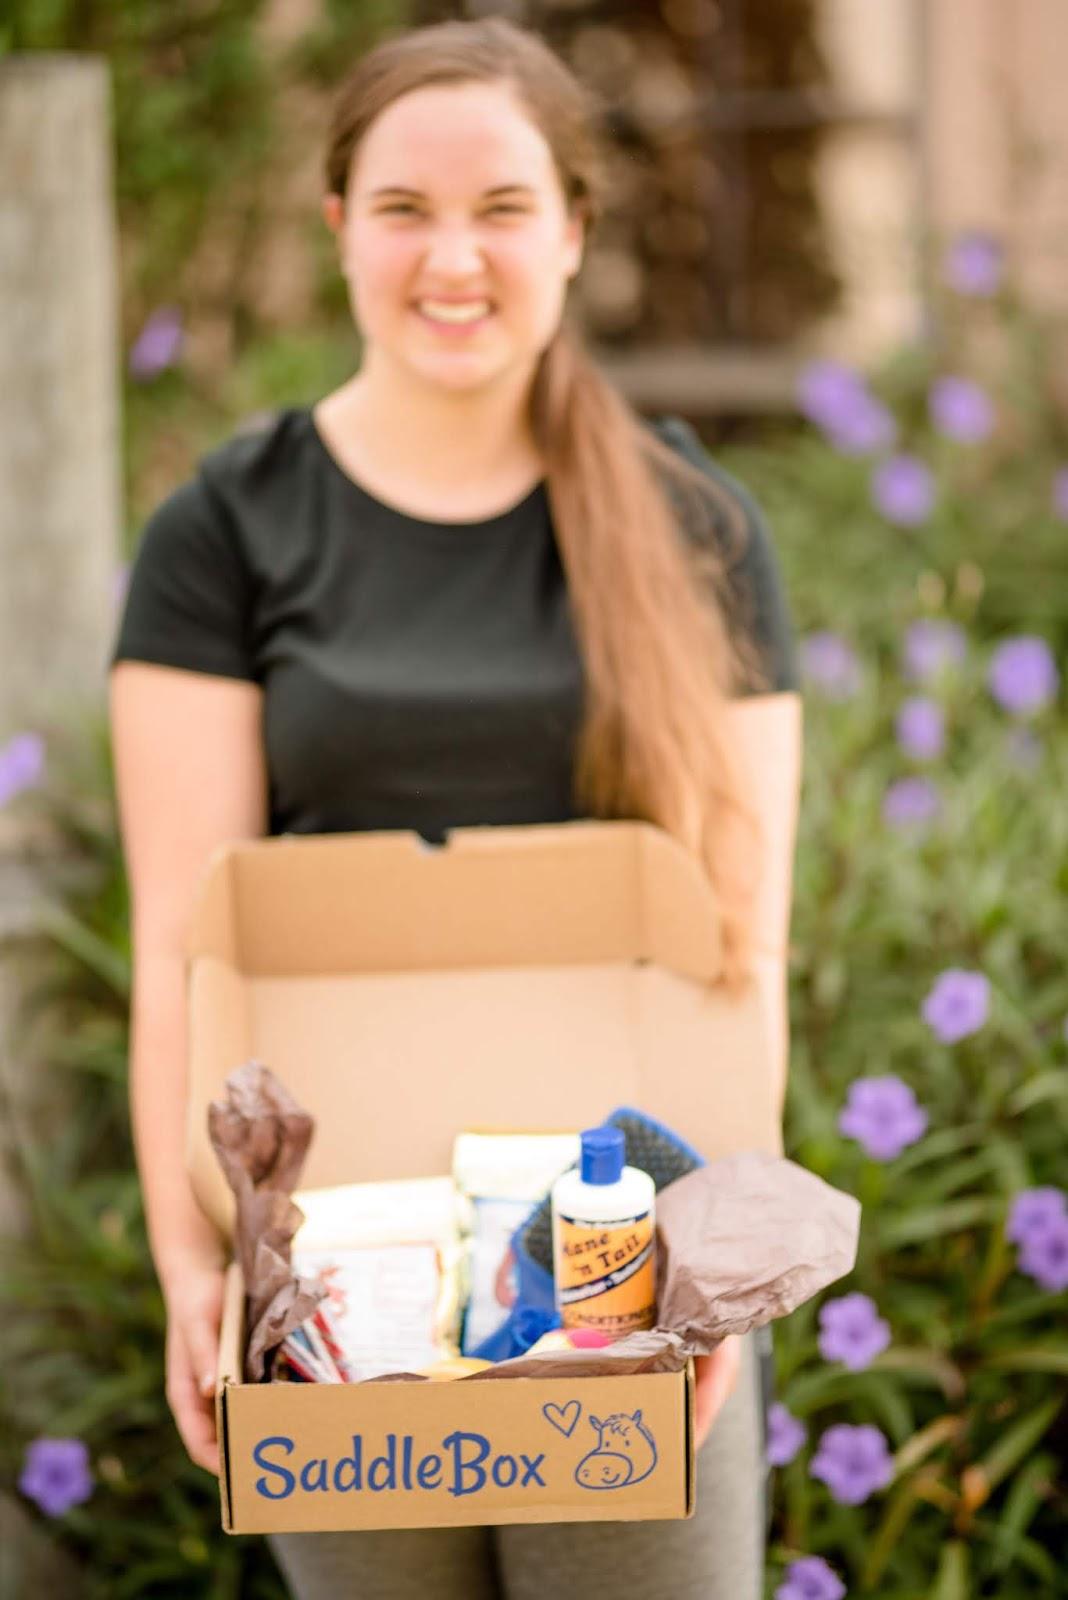 Brunette girl holding open Saddlebox horse subscription box items